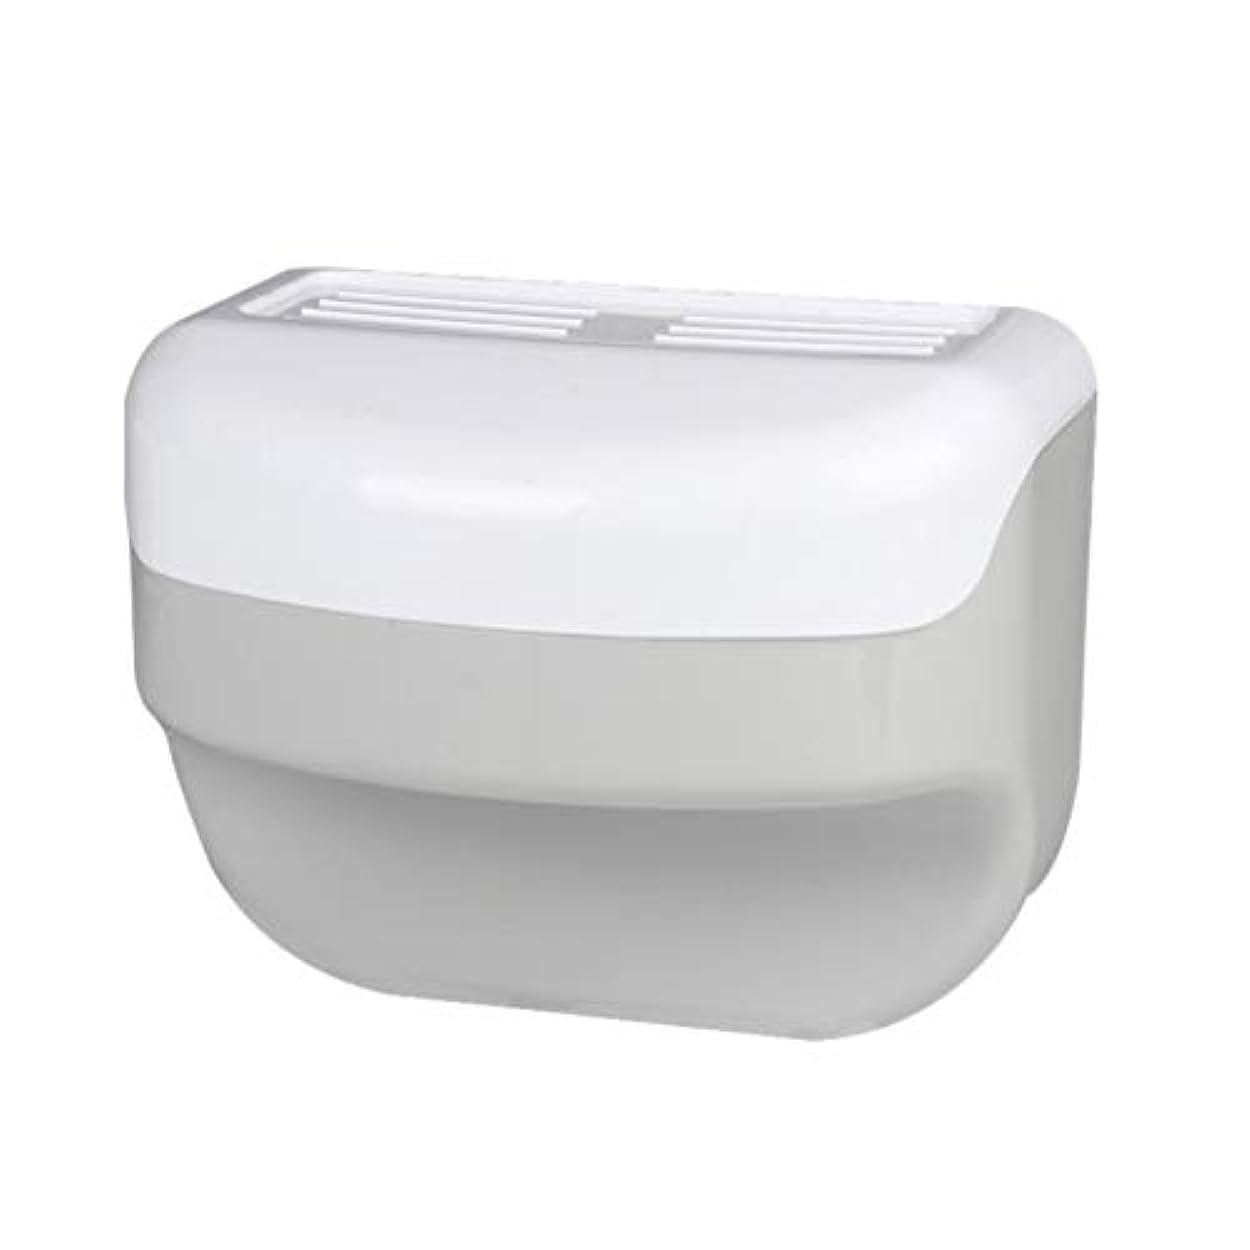 ジョセフバンクスガスジョージバーナードTOPBATHY 浴室トイレティッシュボックスラック壁吸盤ロールホルダーフリー掘削ネイルフリーティッシュボックス